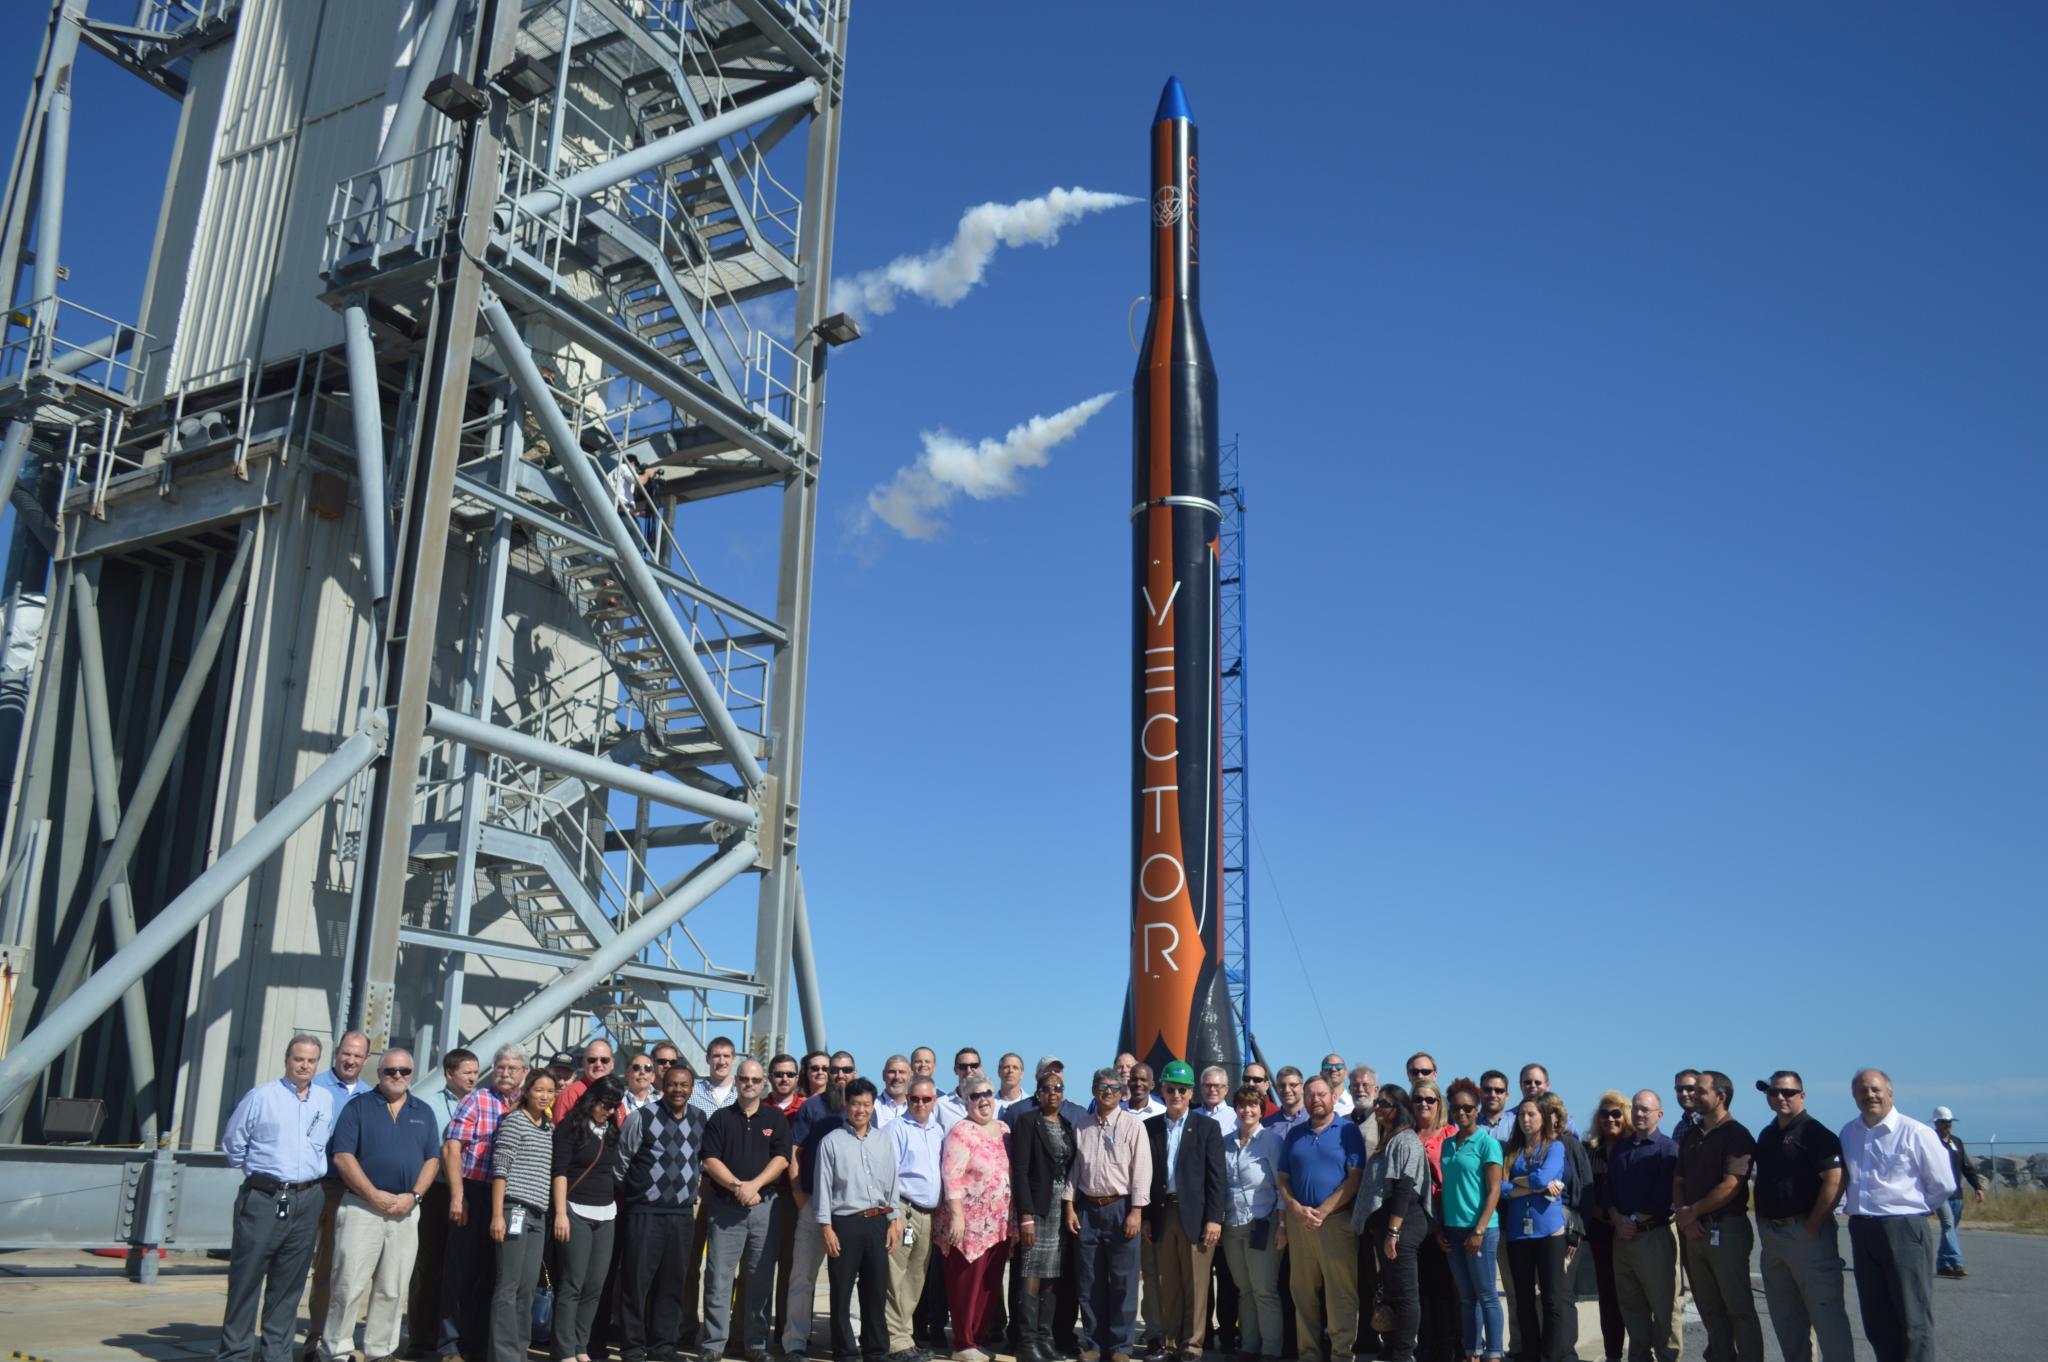 Vector plans three 'microsatellite' launches in Virginia